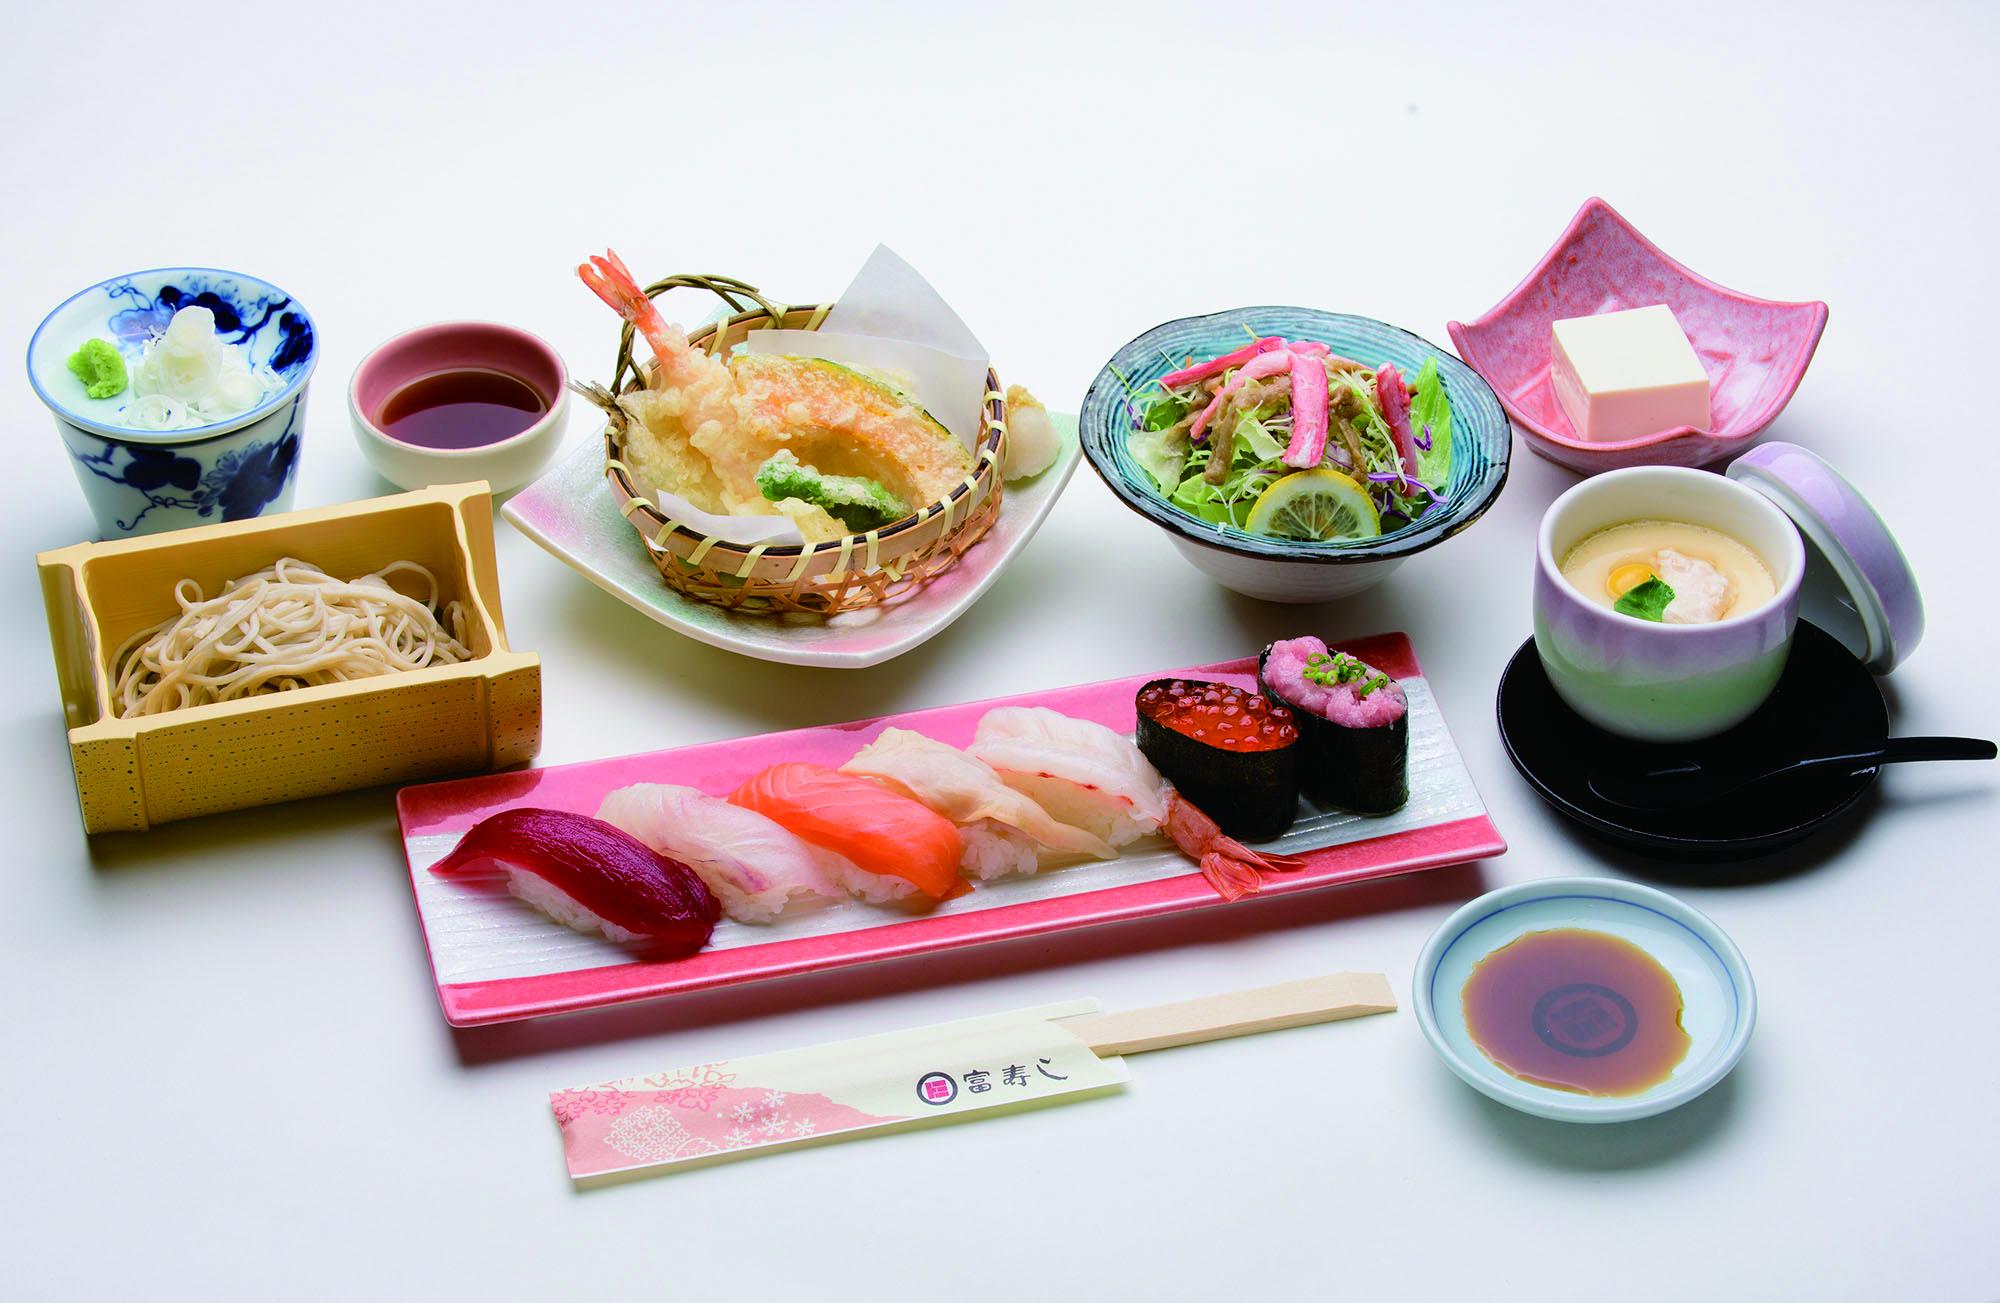 「レディースセット(2080円)」。握り、そば、天ぷら、茶碗蒸し、カニサラダ、デザートが付きます